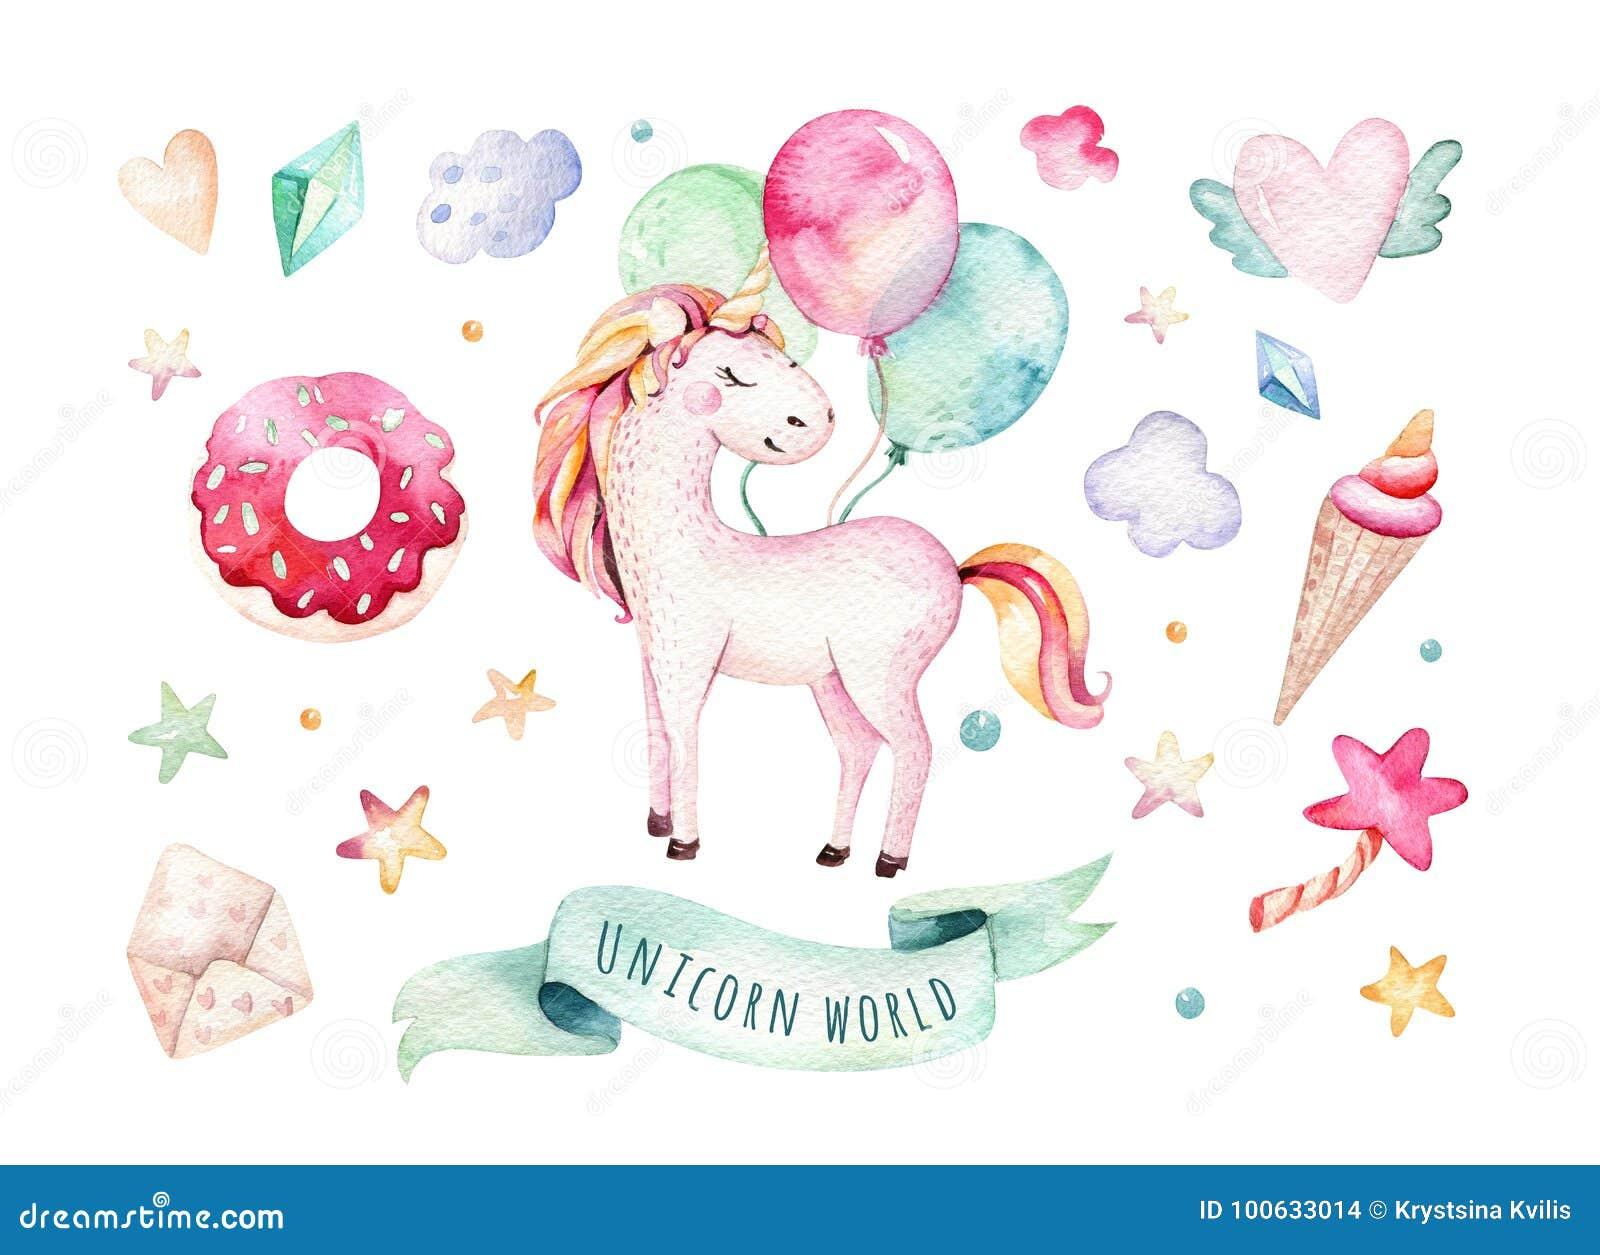 Odosobniony śliczny akwareli jednorożec clipart Pepinier jednorożec ilustracyjne Princess tęczy jednorożec plakatowe Modne menchi